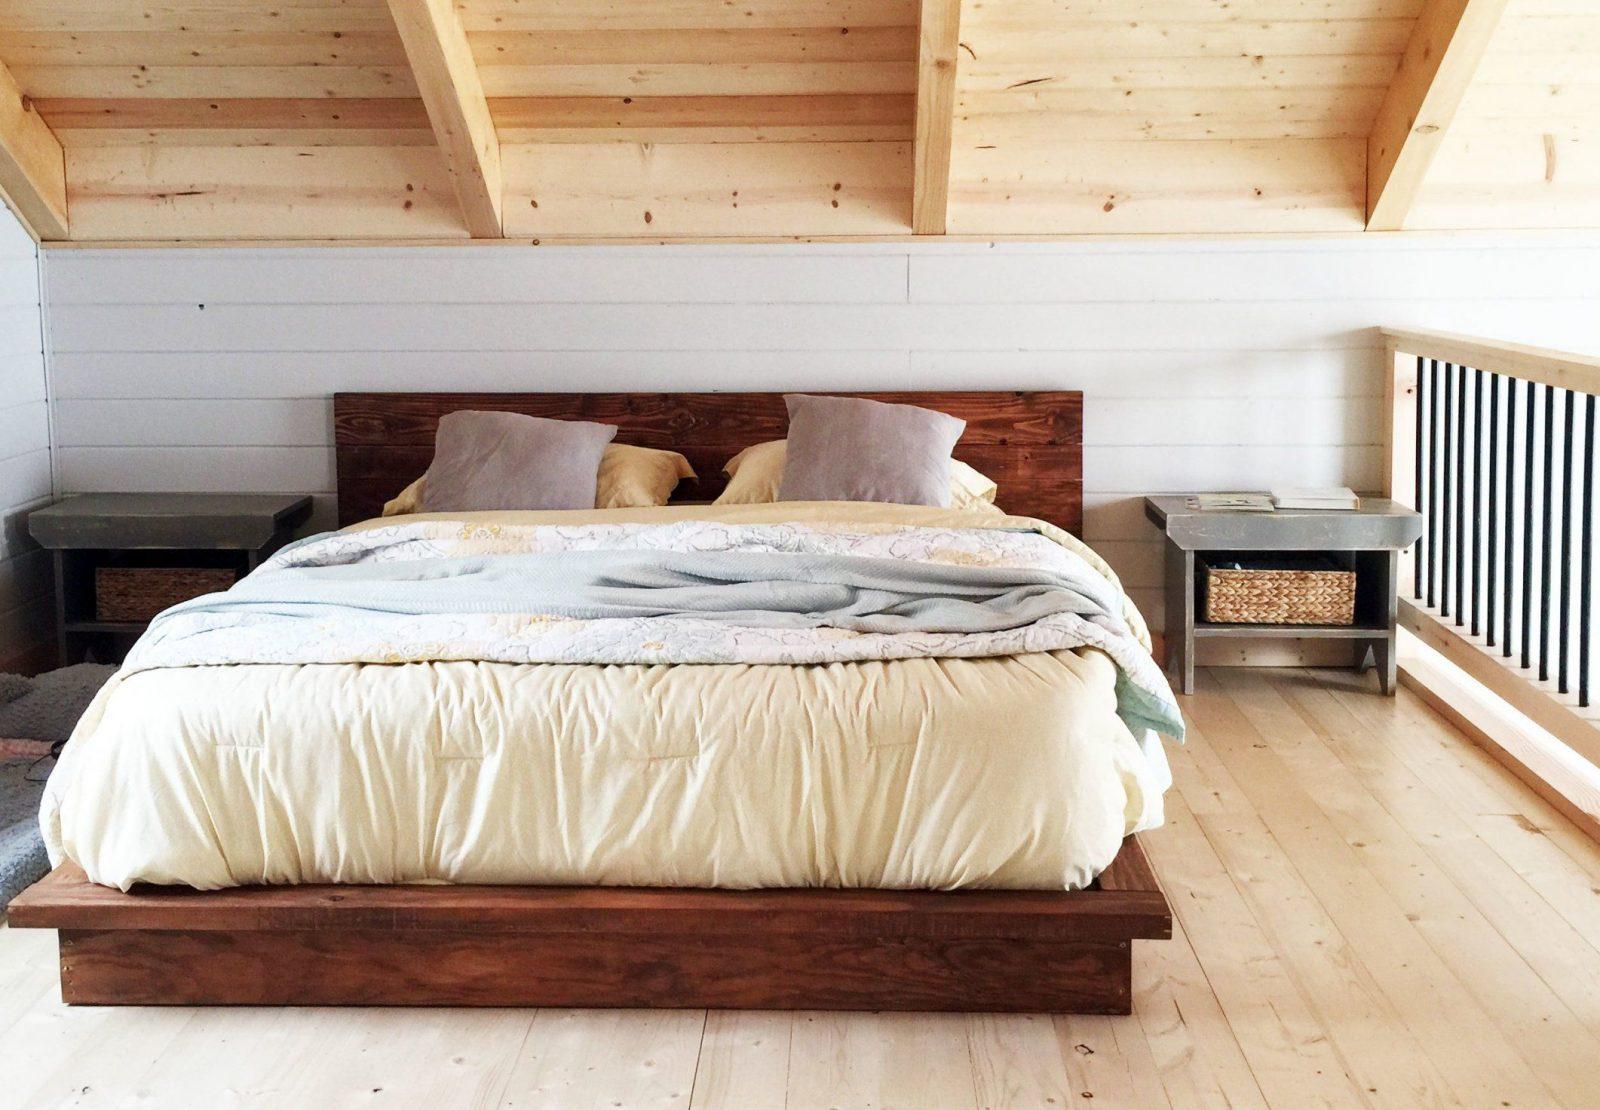 Bett Selber Bauen Ist Leichte Aufgabe 2 Diy Bauanleitungen  Diy von Bett Selber Bauen Holz Photo